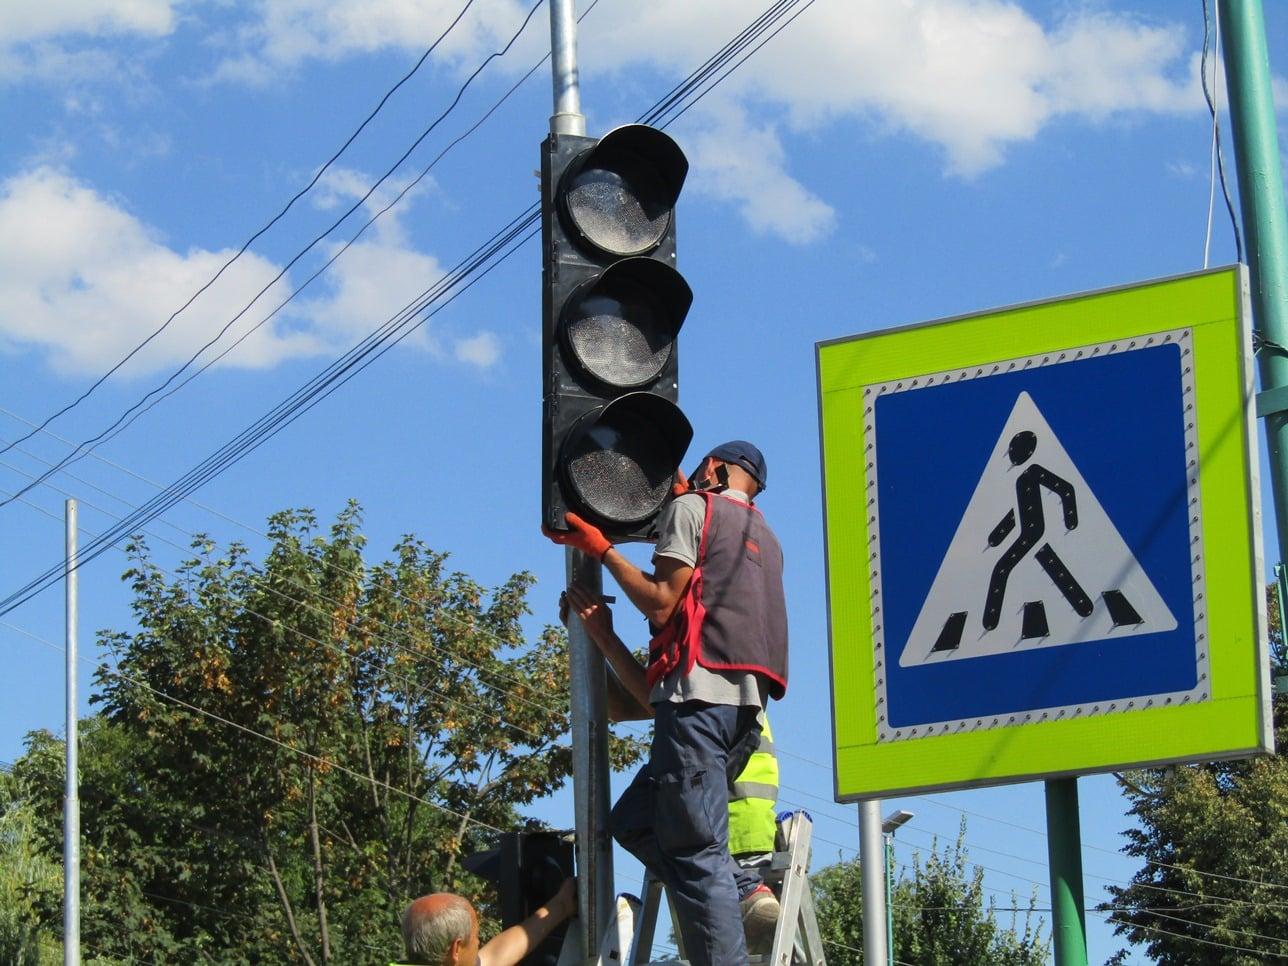 У Надвірній встановили нові світлофори, а біля майдану Шевченка – будують кільце (ФОТО)